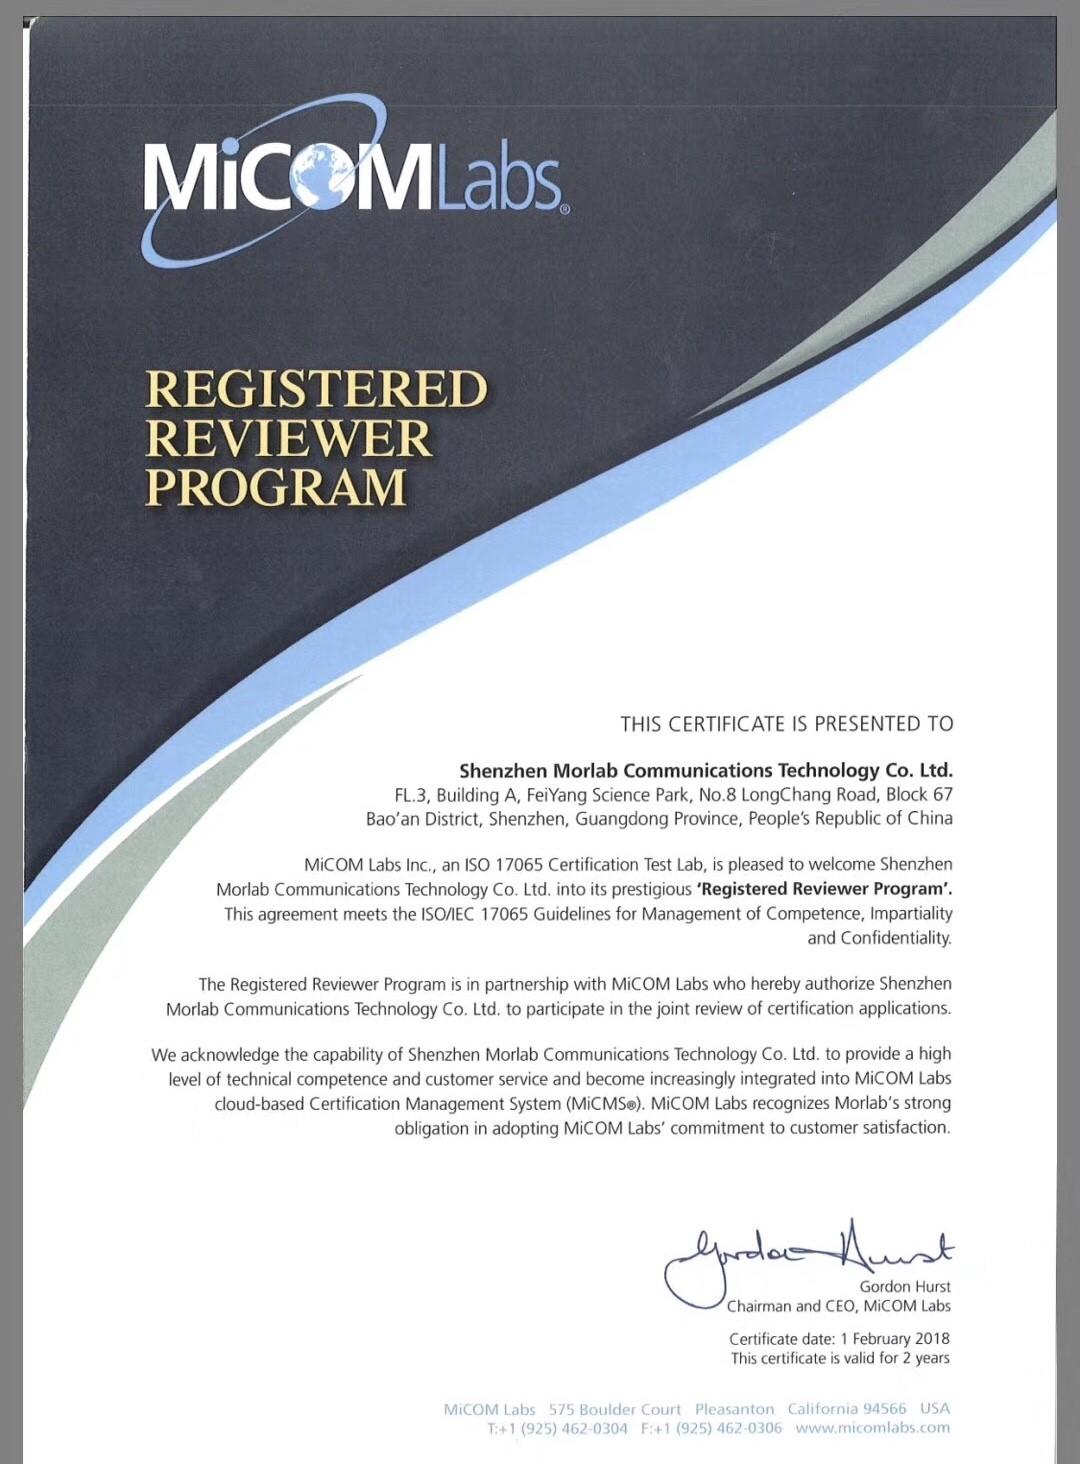 【为MORLAB疯狂打call】深圳摩尔实验室获得美国MiCOM Labs的认可实验室资质及加入审核员认可程序